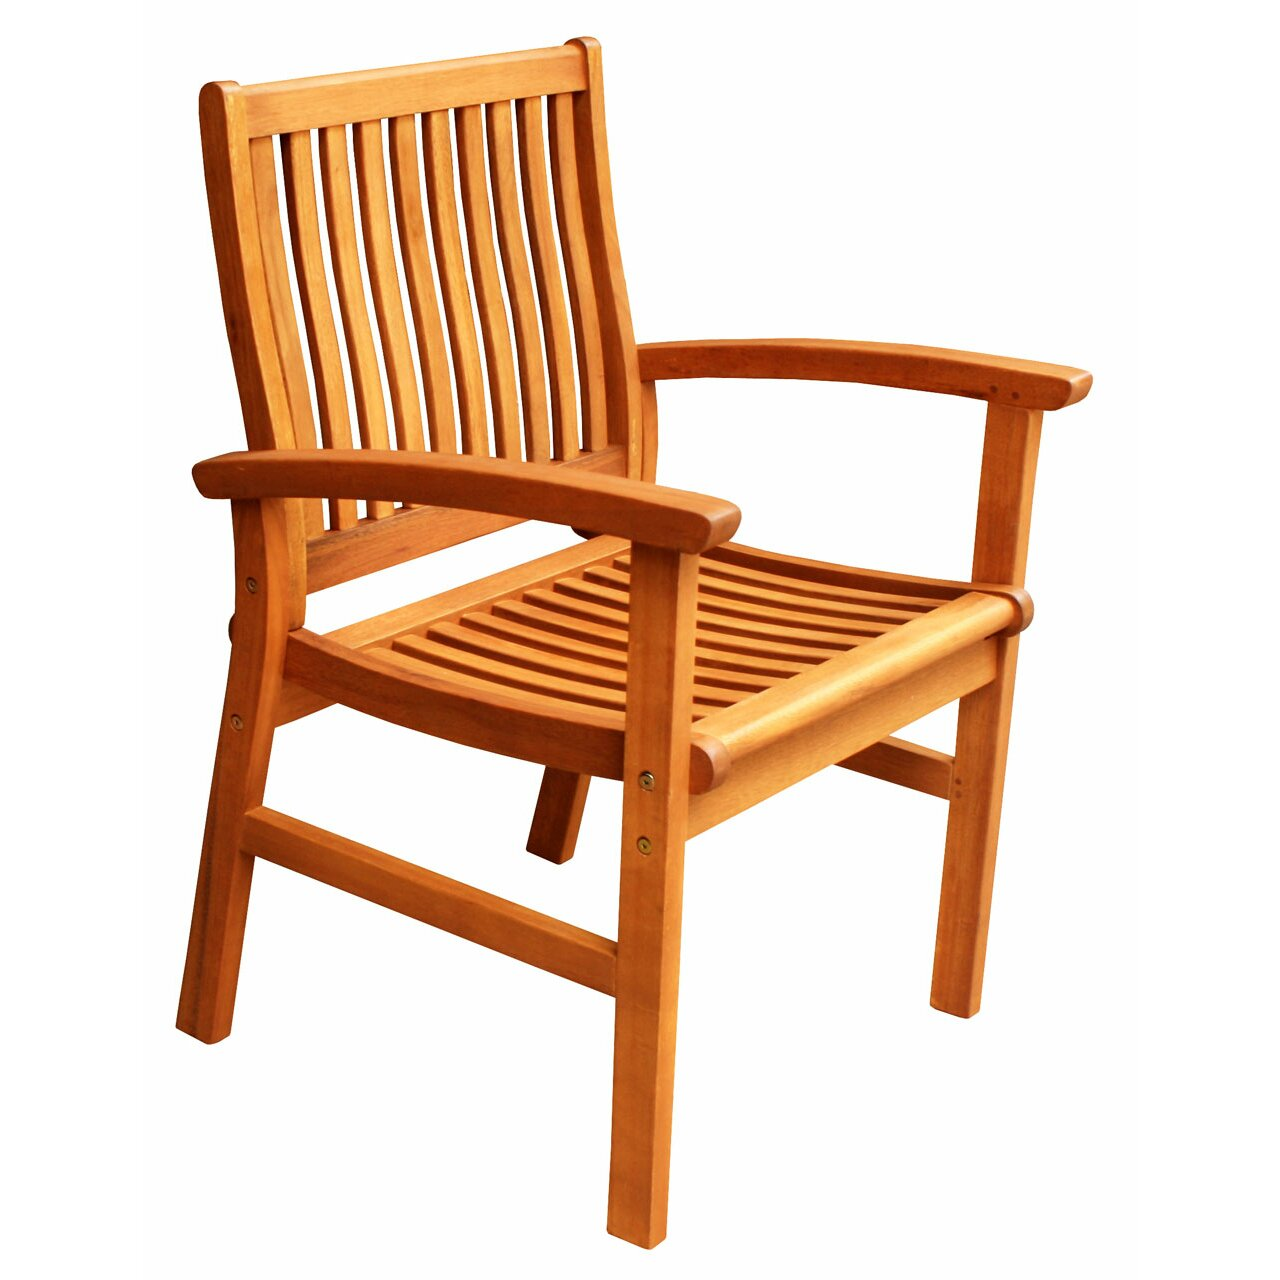 Alkbrands Luunguyen Hawaii Patio Arm Chair Amp Reviews Wayfair